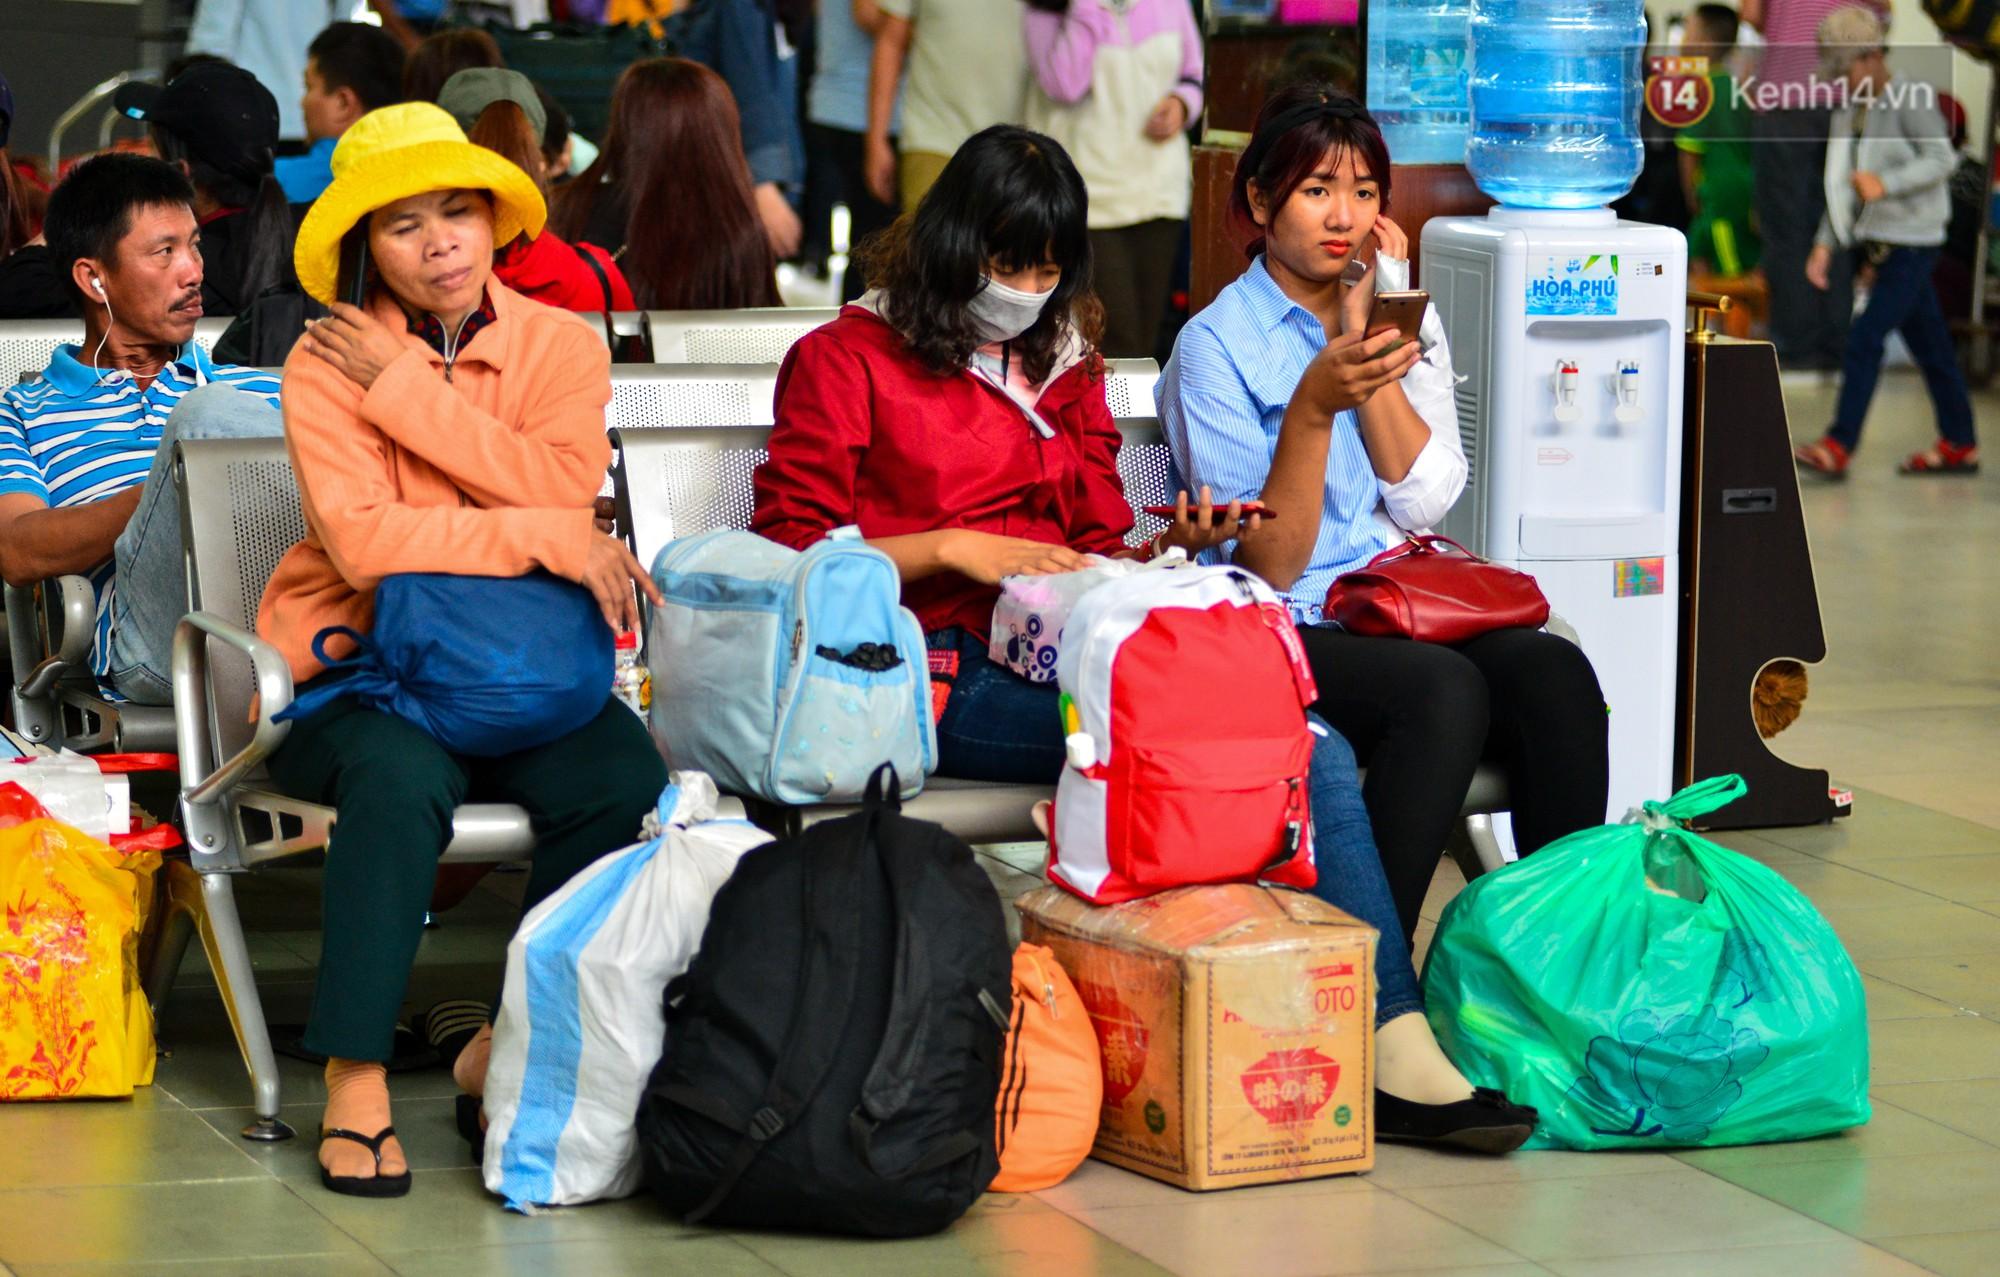 Chùm ảnh: Những giấc ngủ gà gật của người dân chờ xe về quê nghỉ Tết khiến nhiều người nhìn thôi cũng thấy mệt - Ảnh 2.